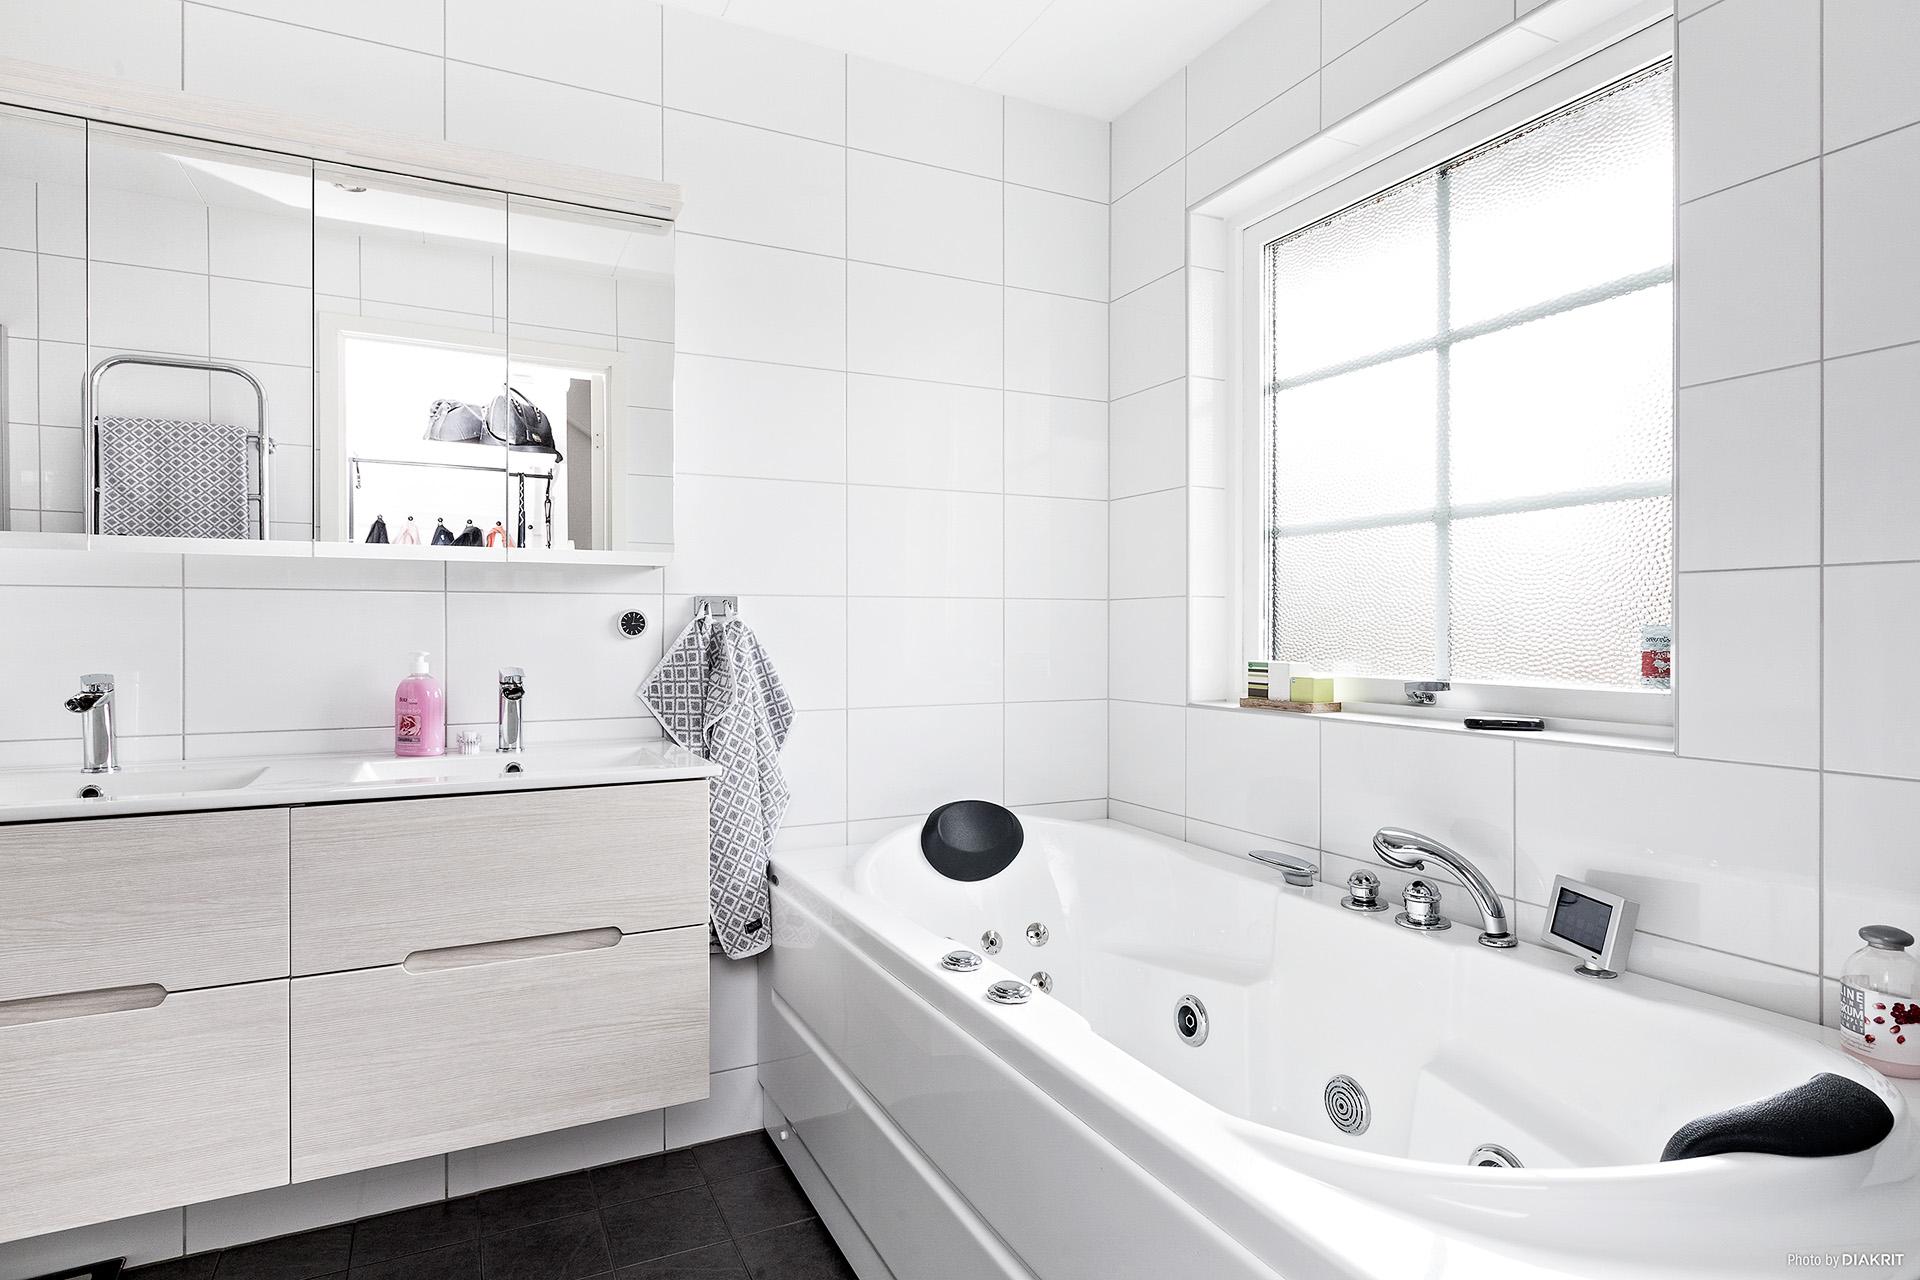 Nyrenoverad toalett/bad/dusch